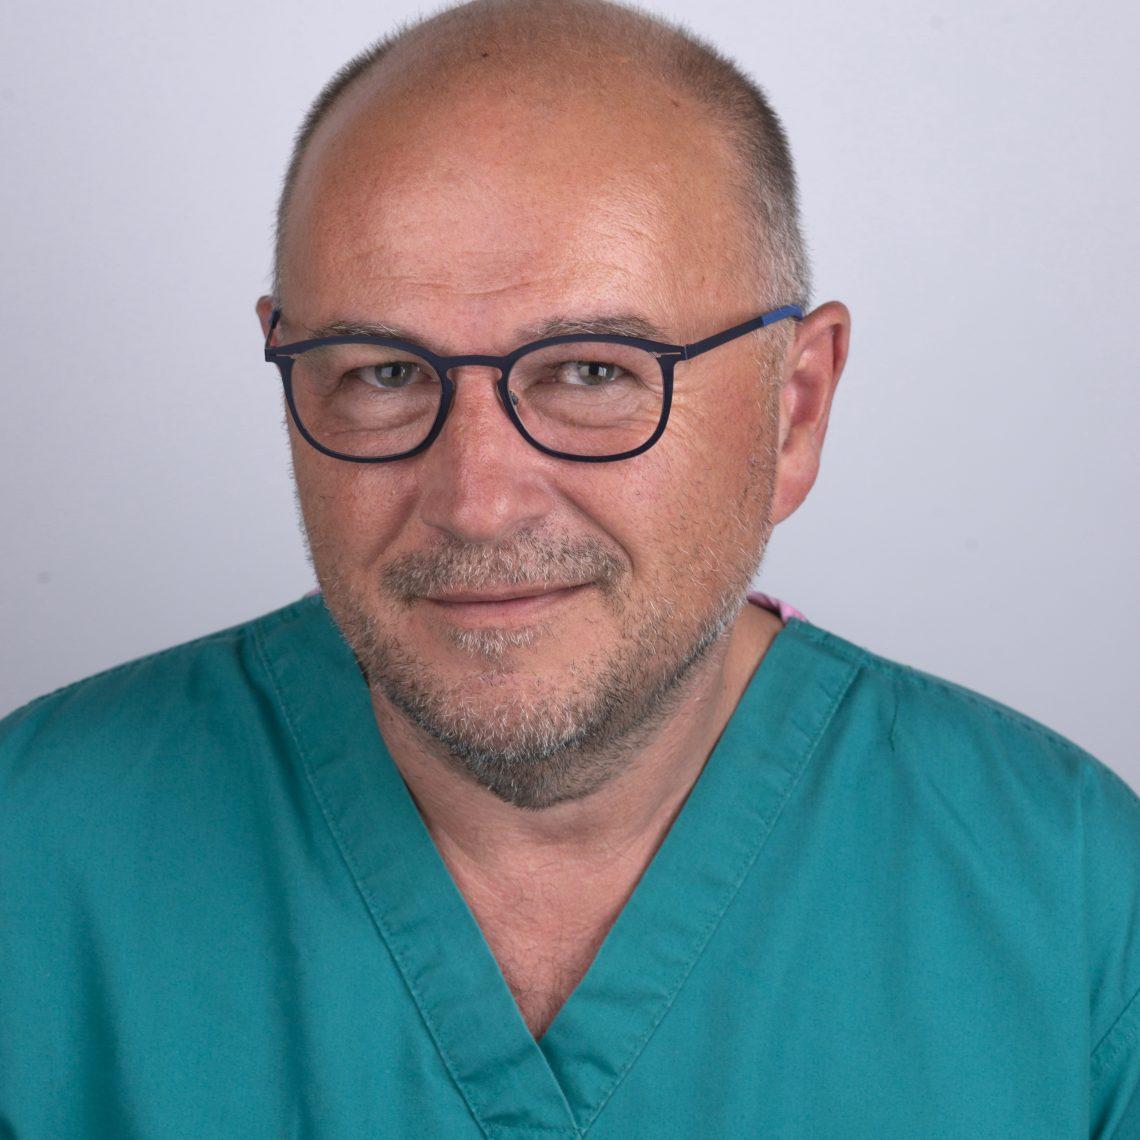 Piotr Tosik, M.D. - zdjęcie